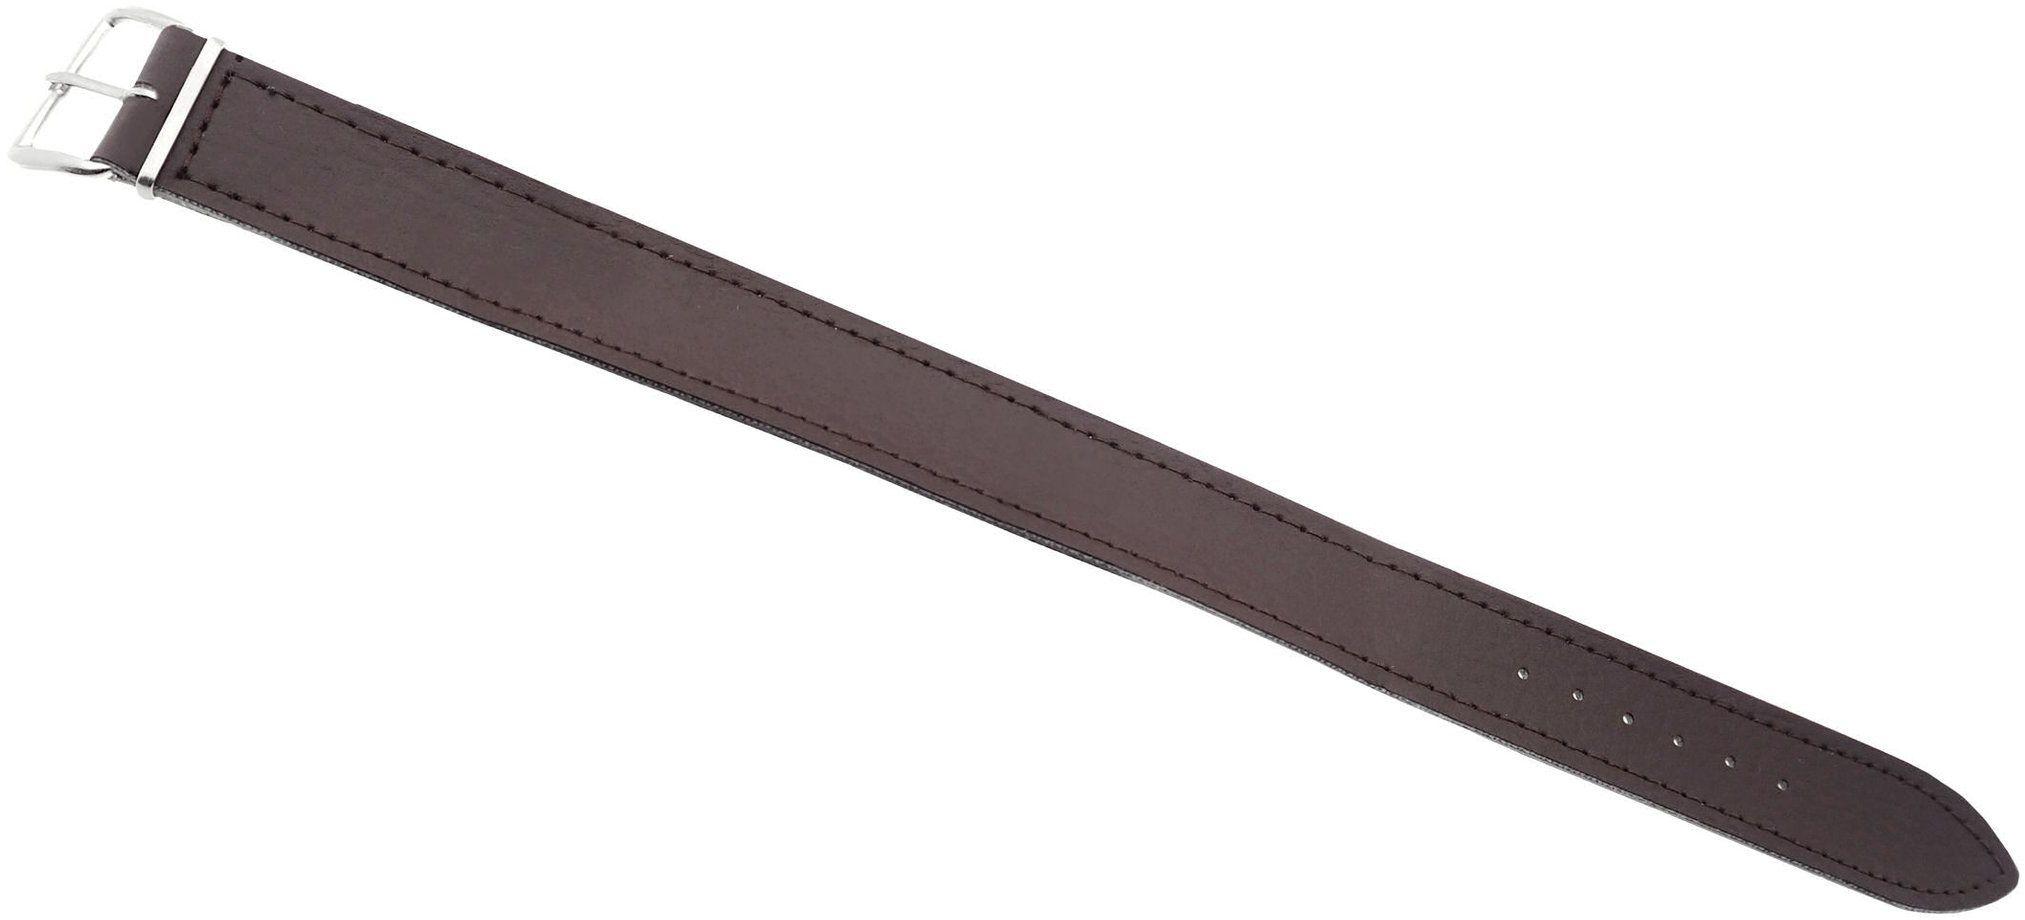 Skórzany pasek przeciągany do zegarka 20 mm brązowy